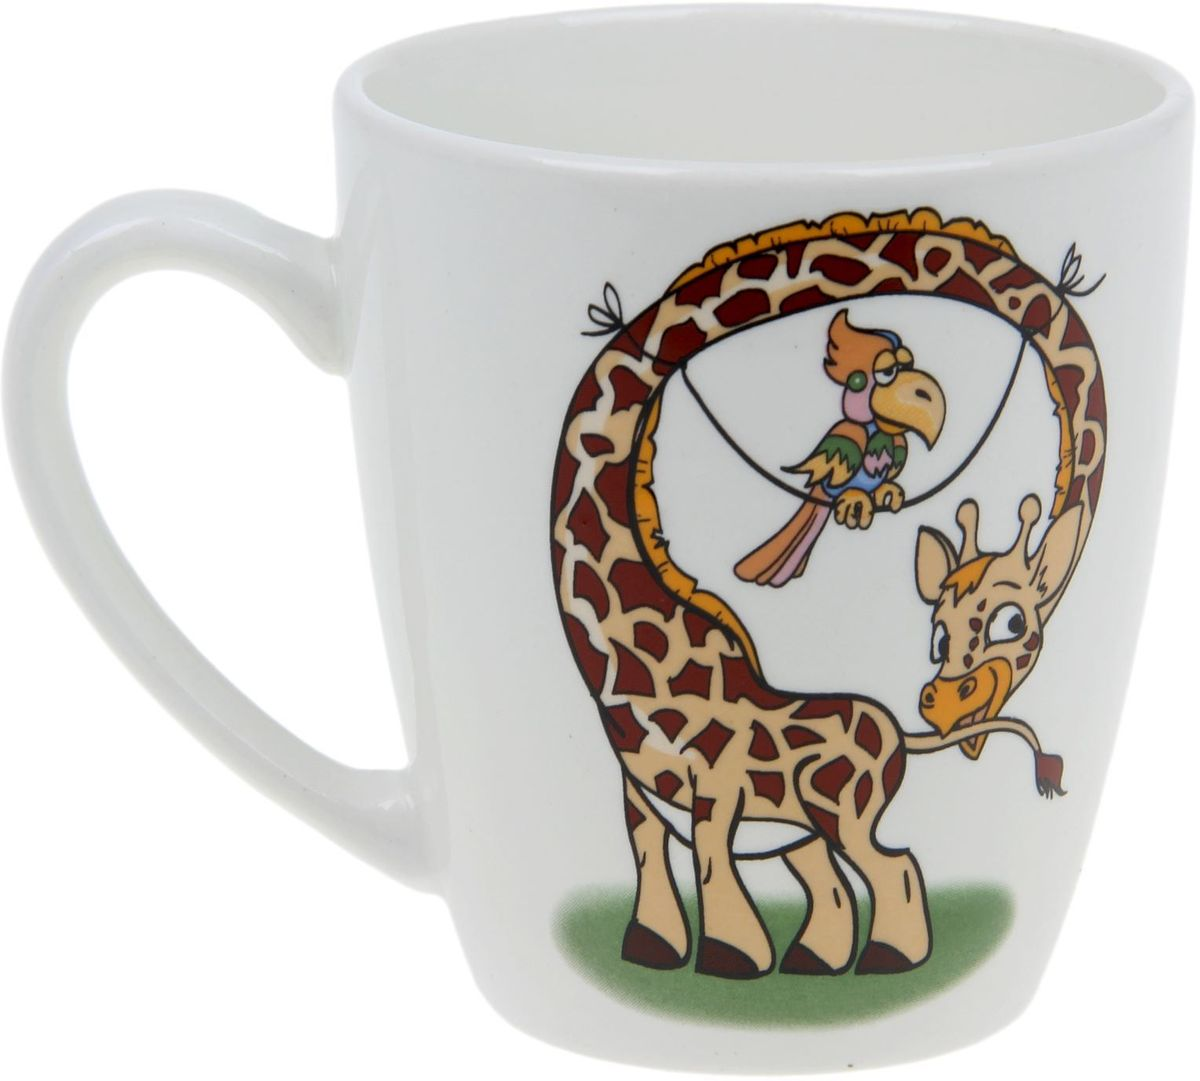 Кубаньфарфор Кружка детская Жираф 220 мл 14007971400797Фаянсовая детская кружка с забавным рисунком понравится каждому малышу. Изделие из качественного материала станет правильным выбором для повседневной эксплуатации и поможет превратить каждый прием пищи в радостное приключение. Особенности: - простота мойки, - стойкость к запахам, - насыщенный цвет.